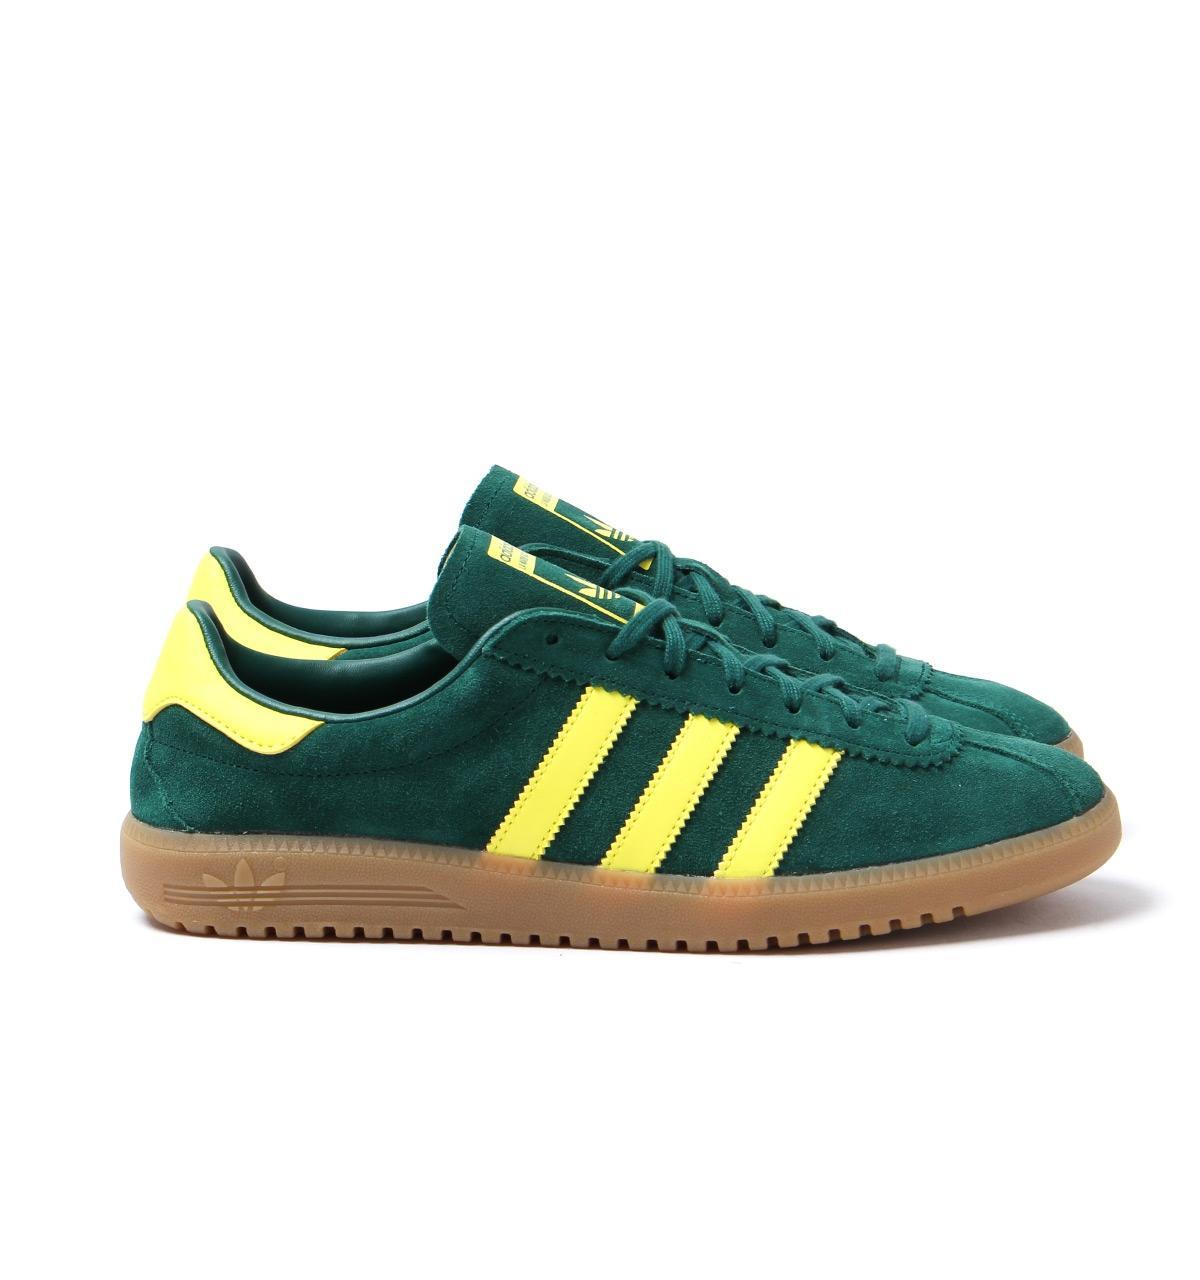 Adidas Originals - Bermuda Collegiate Green   Shock Yellow Trainers for Men  - Lyst. View fullscreen cd1ada5b2